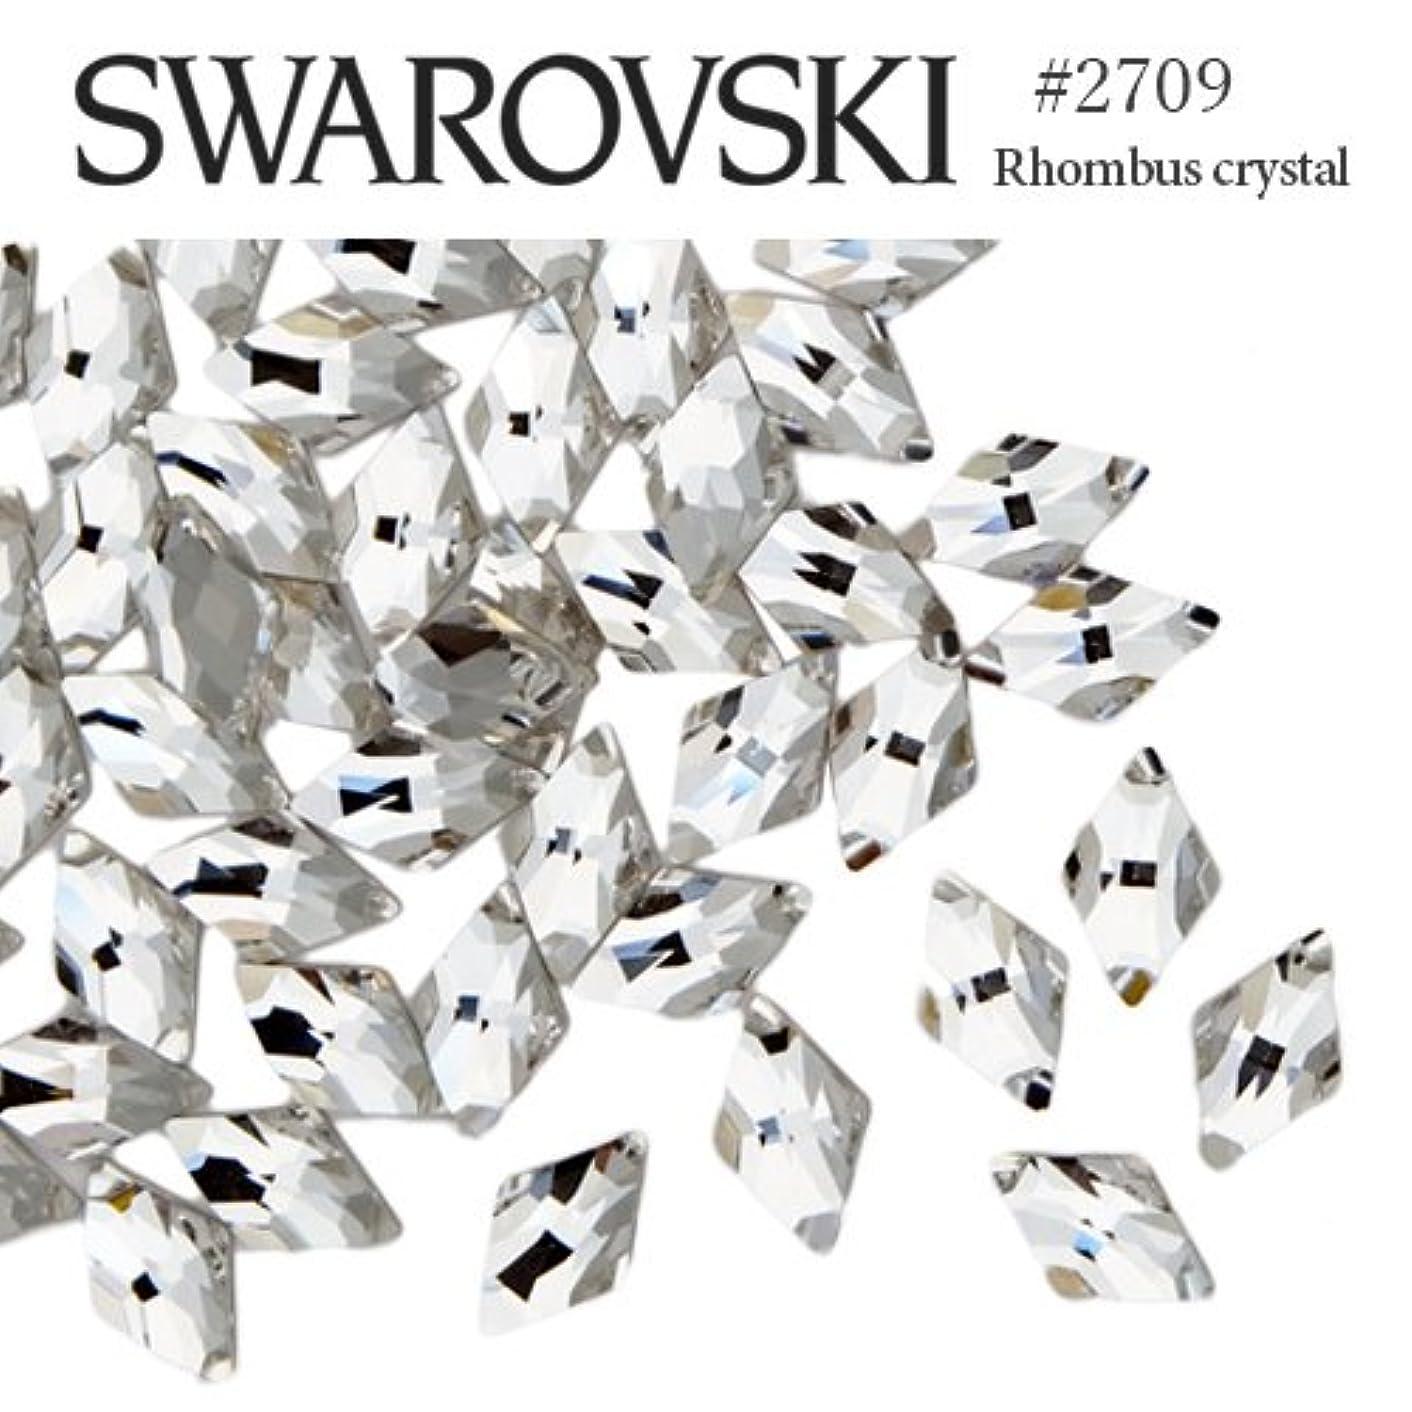 局壊す混乱させるスワロ #2709 ダイヤ/ロンバス (ひし形) [クリスタル] 3粒入り スワロフスキー ラインストーン